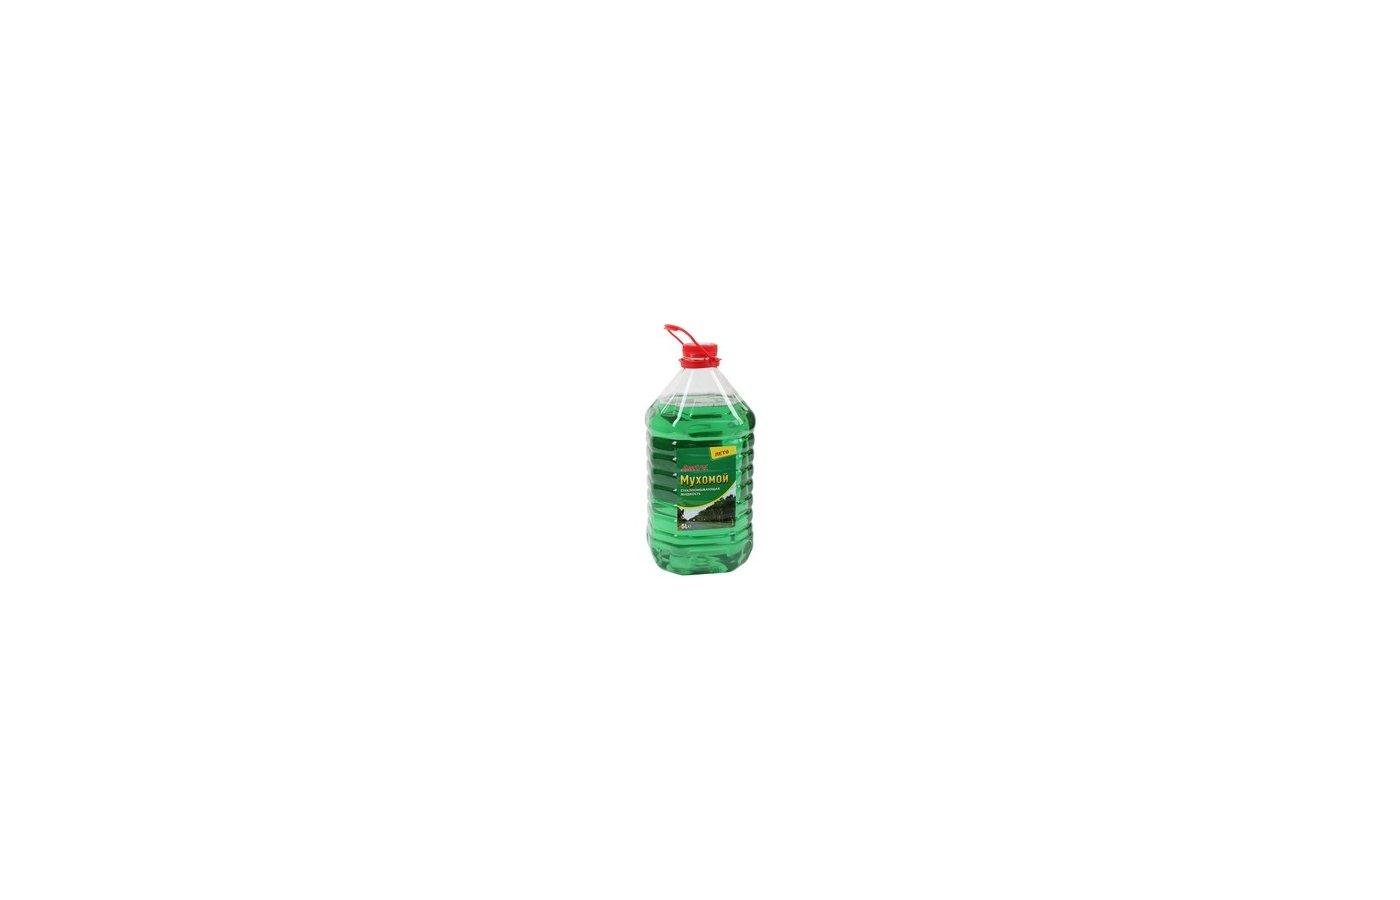 Автохимия Effect Plus Жидкость стеклоомывающая Мухомой 5л